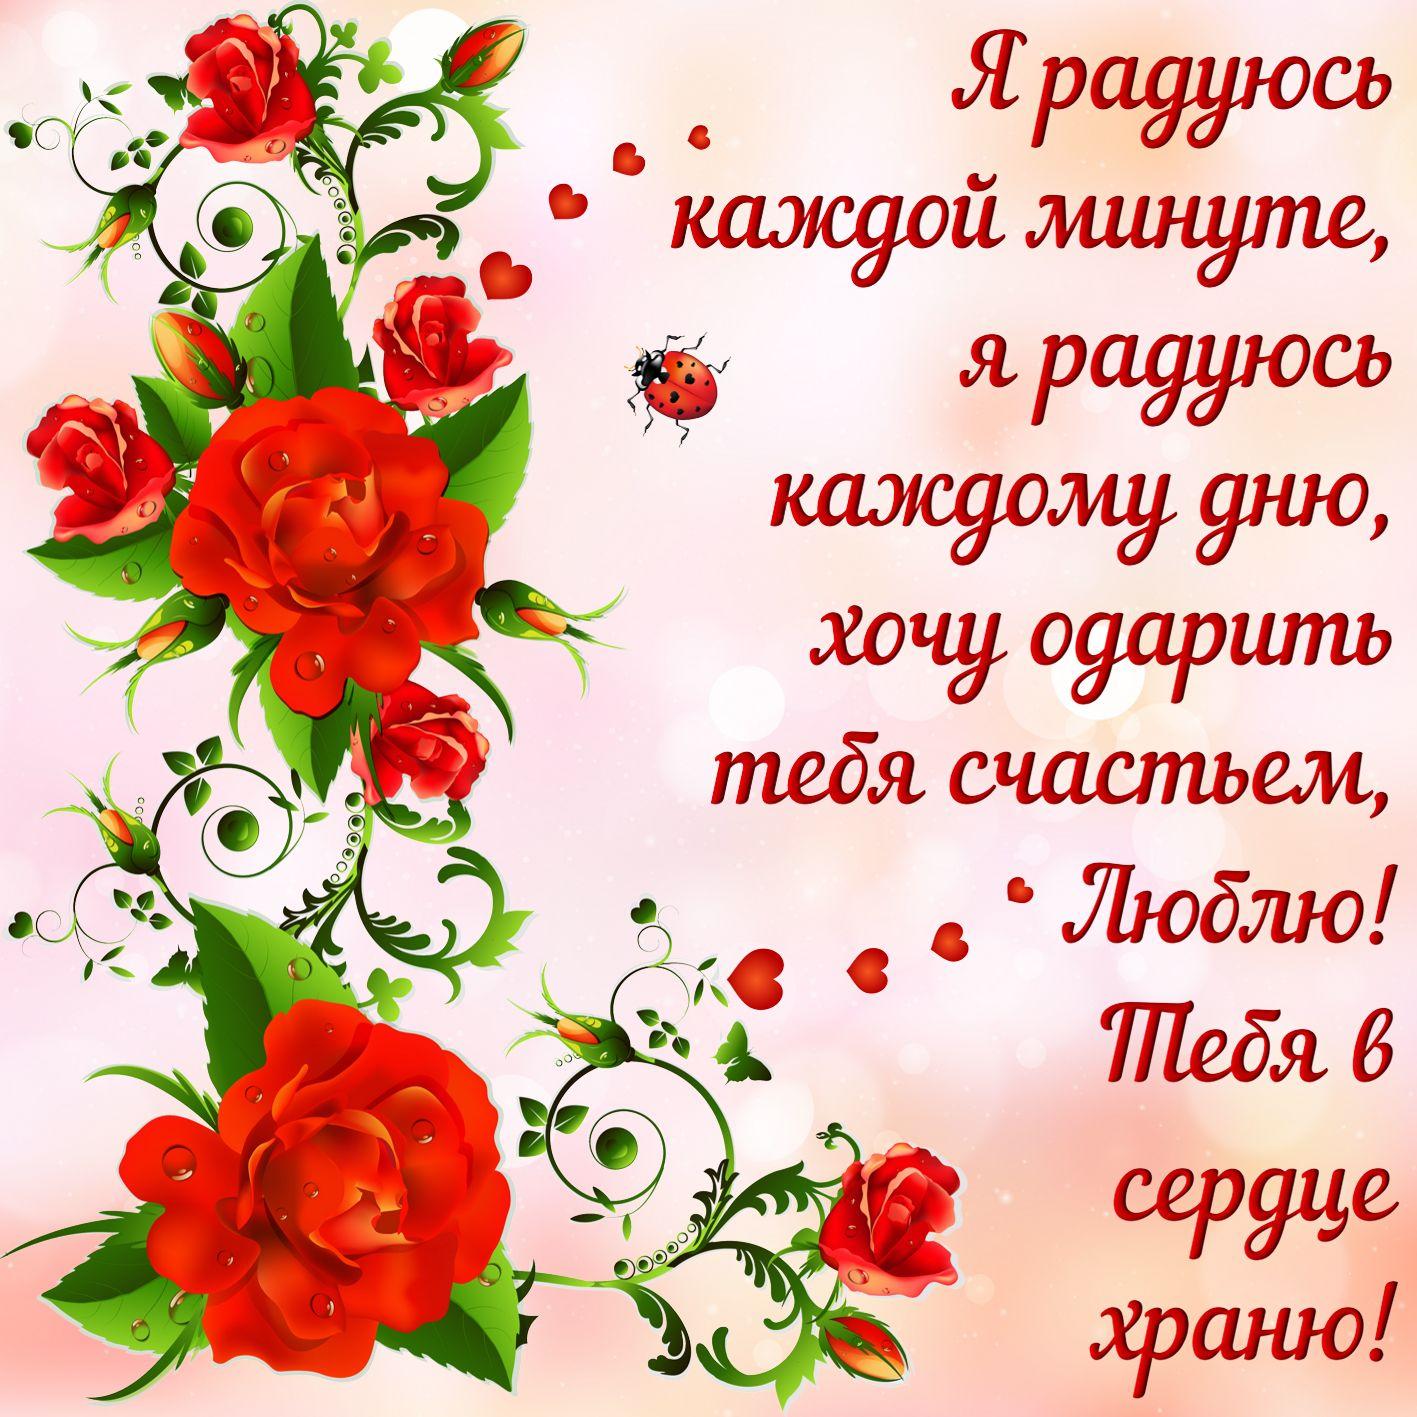 Признания любви поздравления